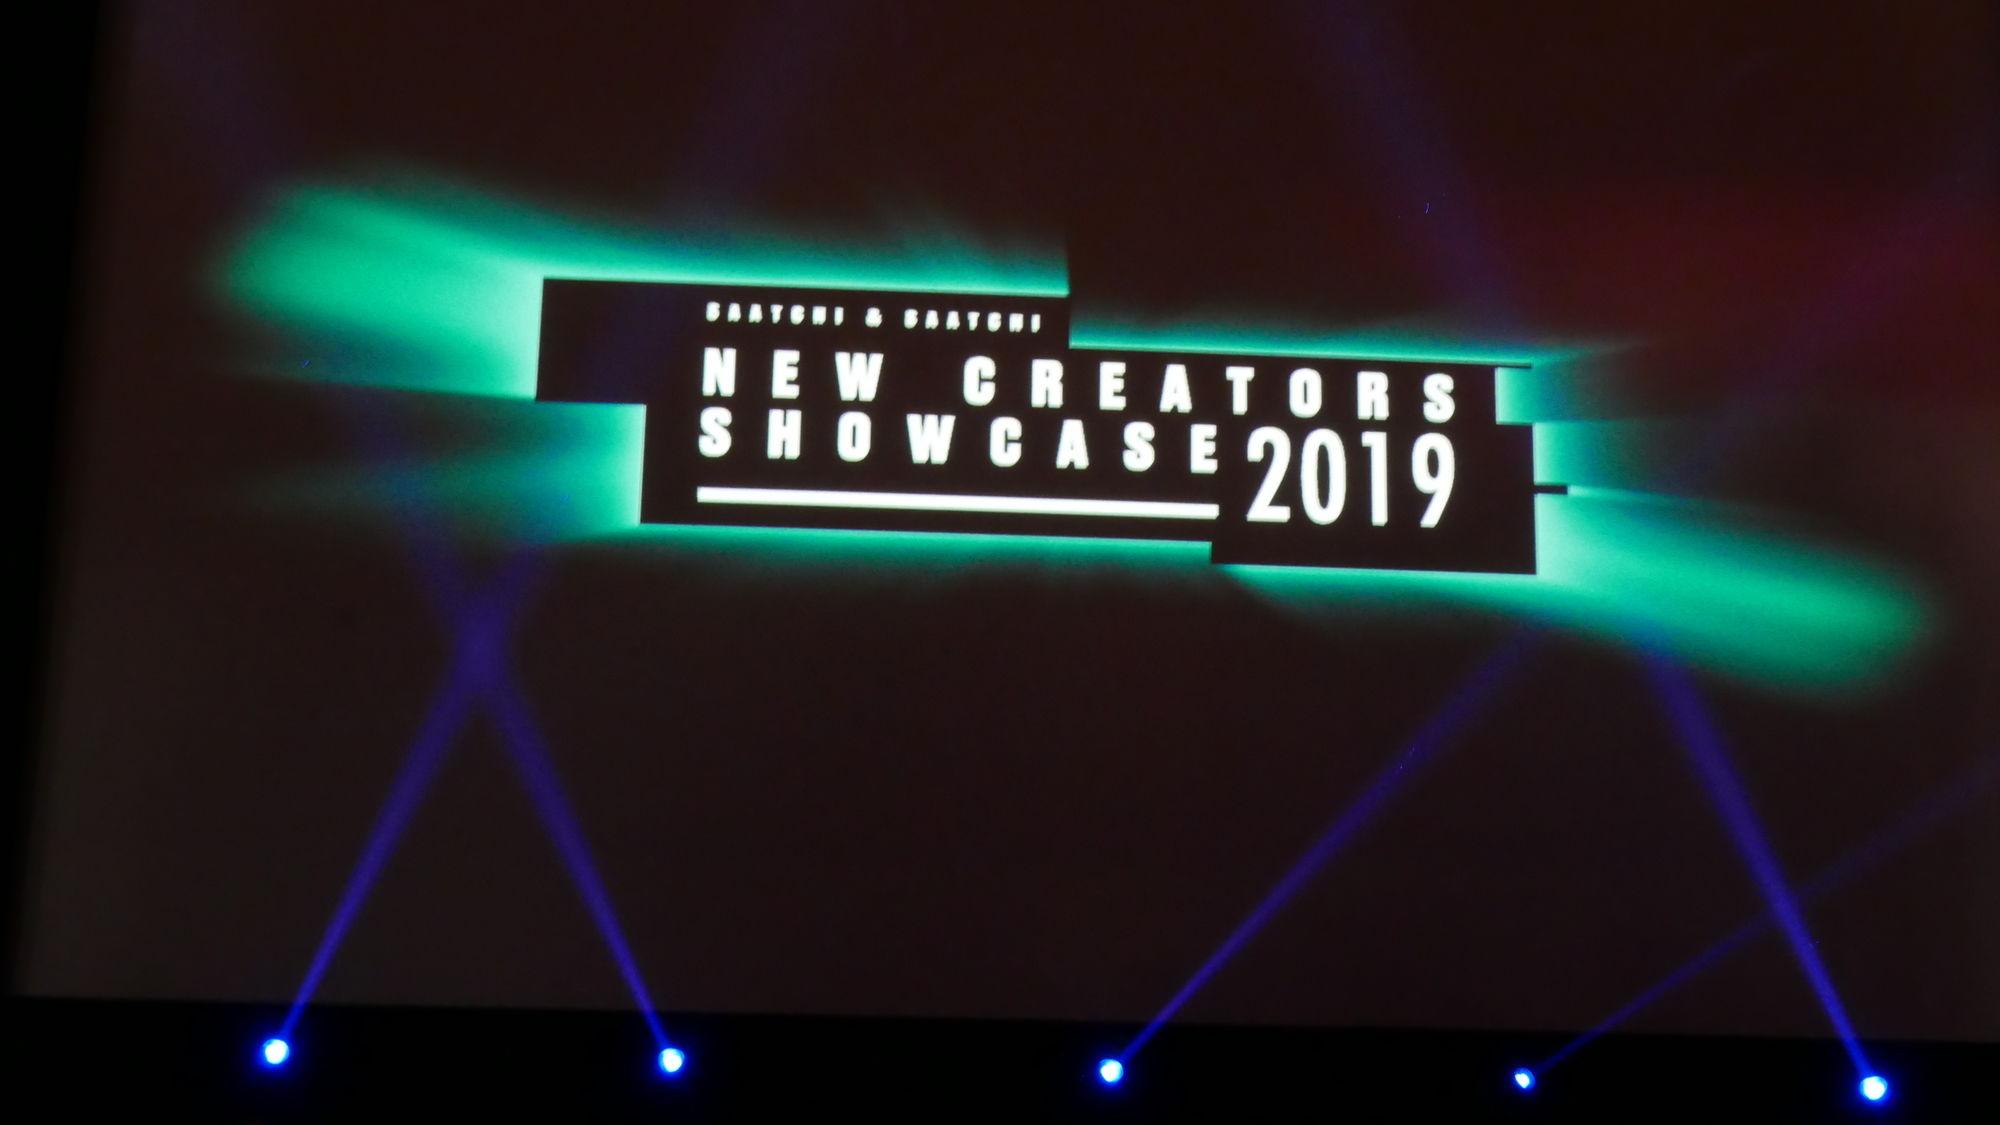 Saatchi & Saatchi New Creators Showcase, Cannes Lions 2019